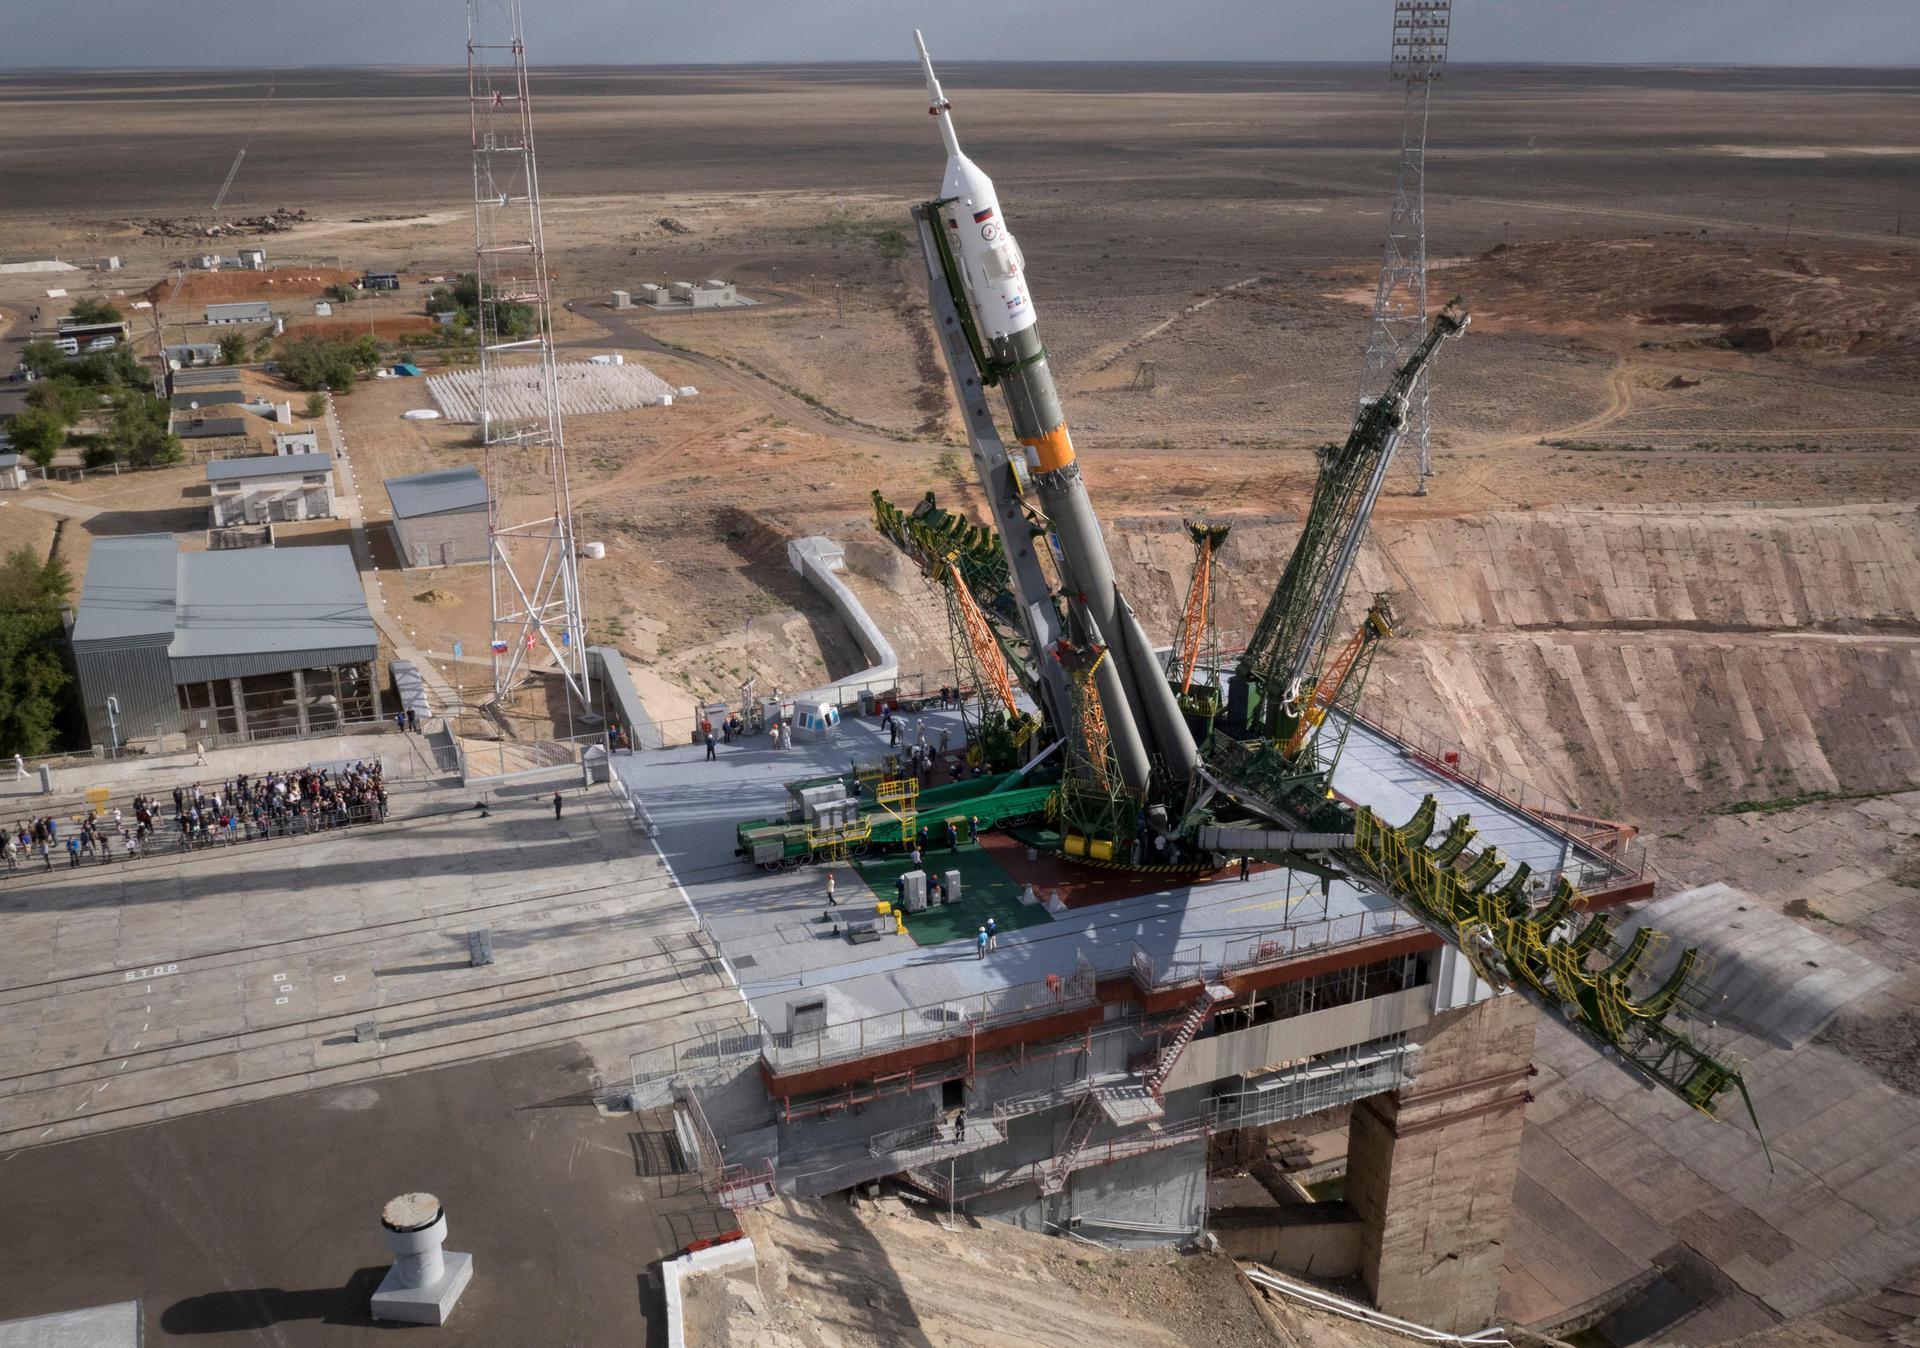 [Запуск успешен] «Союз ТМА-18М» отправится к МКС завтра утром - 1